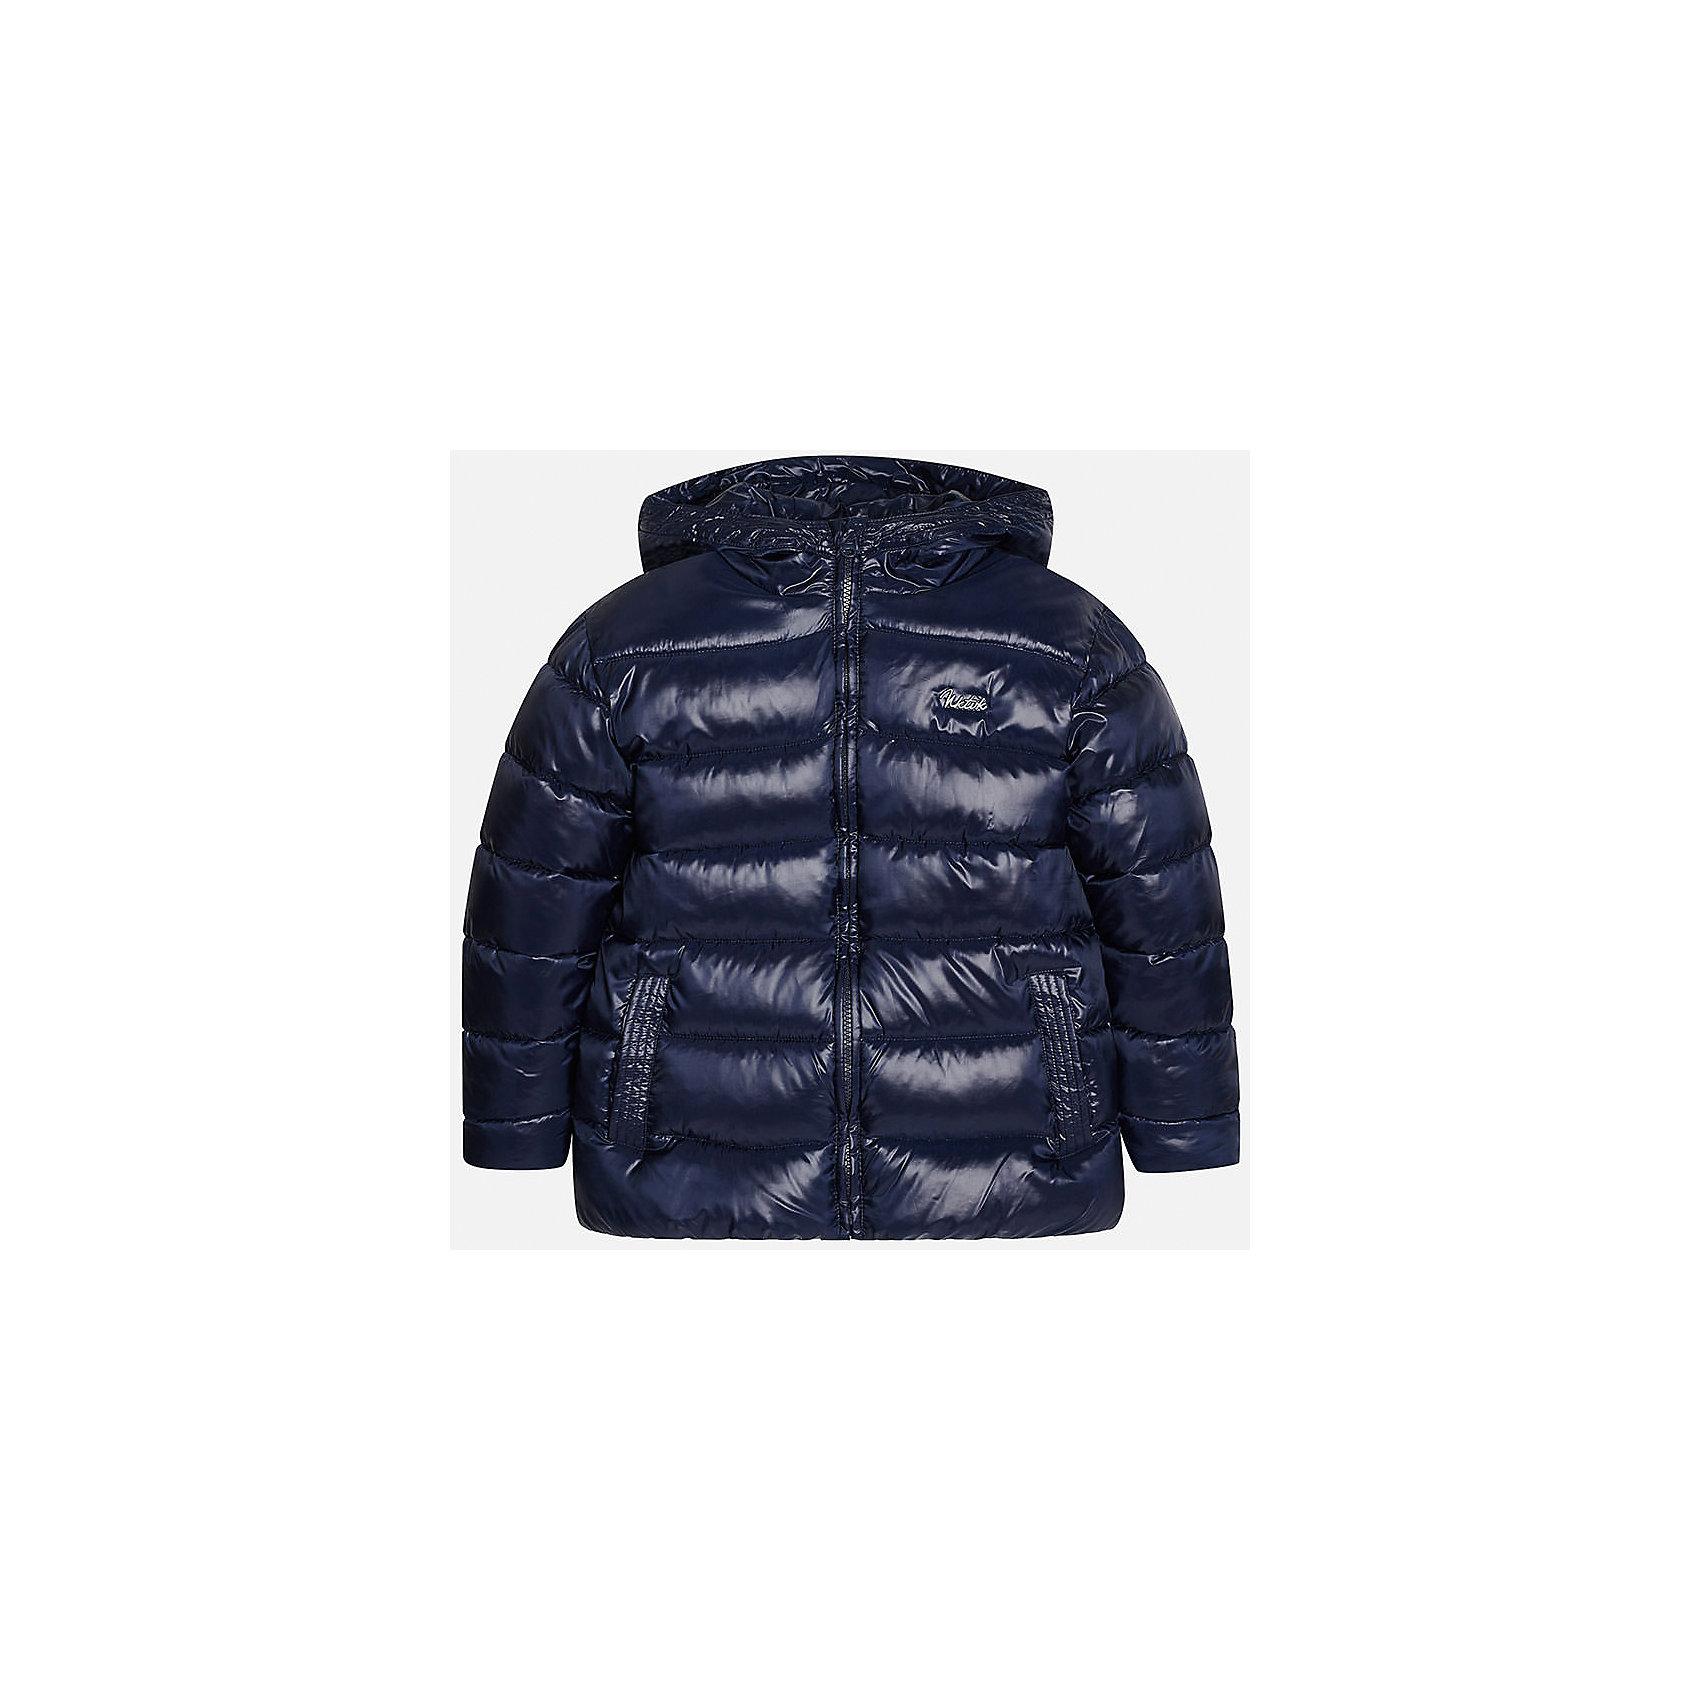 Куртка для мальчика MayoralВерхняя одежда<br>Куртка для мальчика Mayoral (Майорал)<br>Куртка для мальчика от известной испанской марки Mayoral (Майорал) выполнена из водонепроницаемого полиэстера, имеет удобный капюшон, два кармана по бокам. Модель застегивается на молнию, рукава куртки дополнены внутренними манжетами.<br><br>Дополнительная информация:<br><br>- Цвет: темно-синий<br>- Верх: 100% полиэстер<br>- Подкладка: 100% полиэстер<br>- Утеплитель: 100% полиэстер<br>- Уход: бережная стирка при 30 градусах<br><br>Куртку для мальчика Mayoral (Майорал) можно купить в нашем интернет-магазине.<br><br>Ширина мм: 356<br>Глубина мм: 10<br>Высота мм: 245<br>Вес г: 519<br>Цвет: синий<br>Возраст от месяцев: 168<br>Возраст до месяцев: 180<br>Пол: Мужской<br>Возраст: Детский<br>Размер: 164,128,152,158,146,140<br>SKU: 4821088